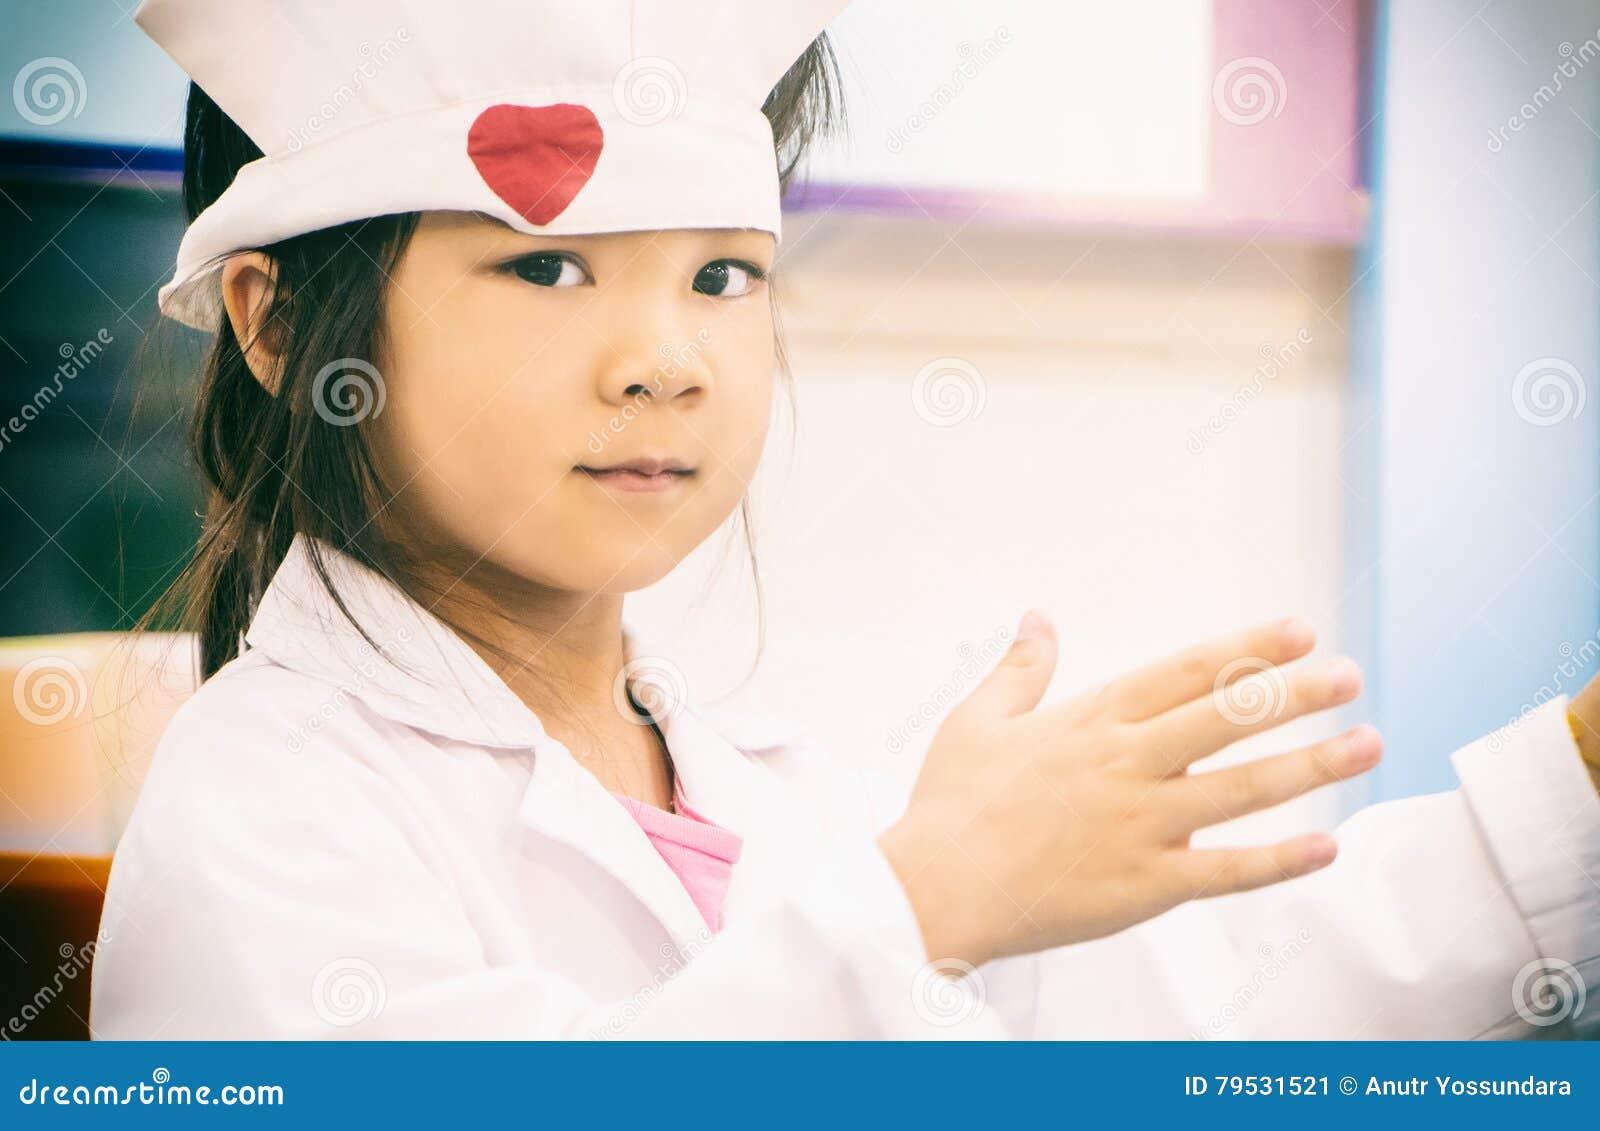 Kleines Mädchen In Einem Arzt Stockbild Bild Von Mädchen Person